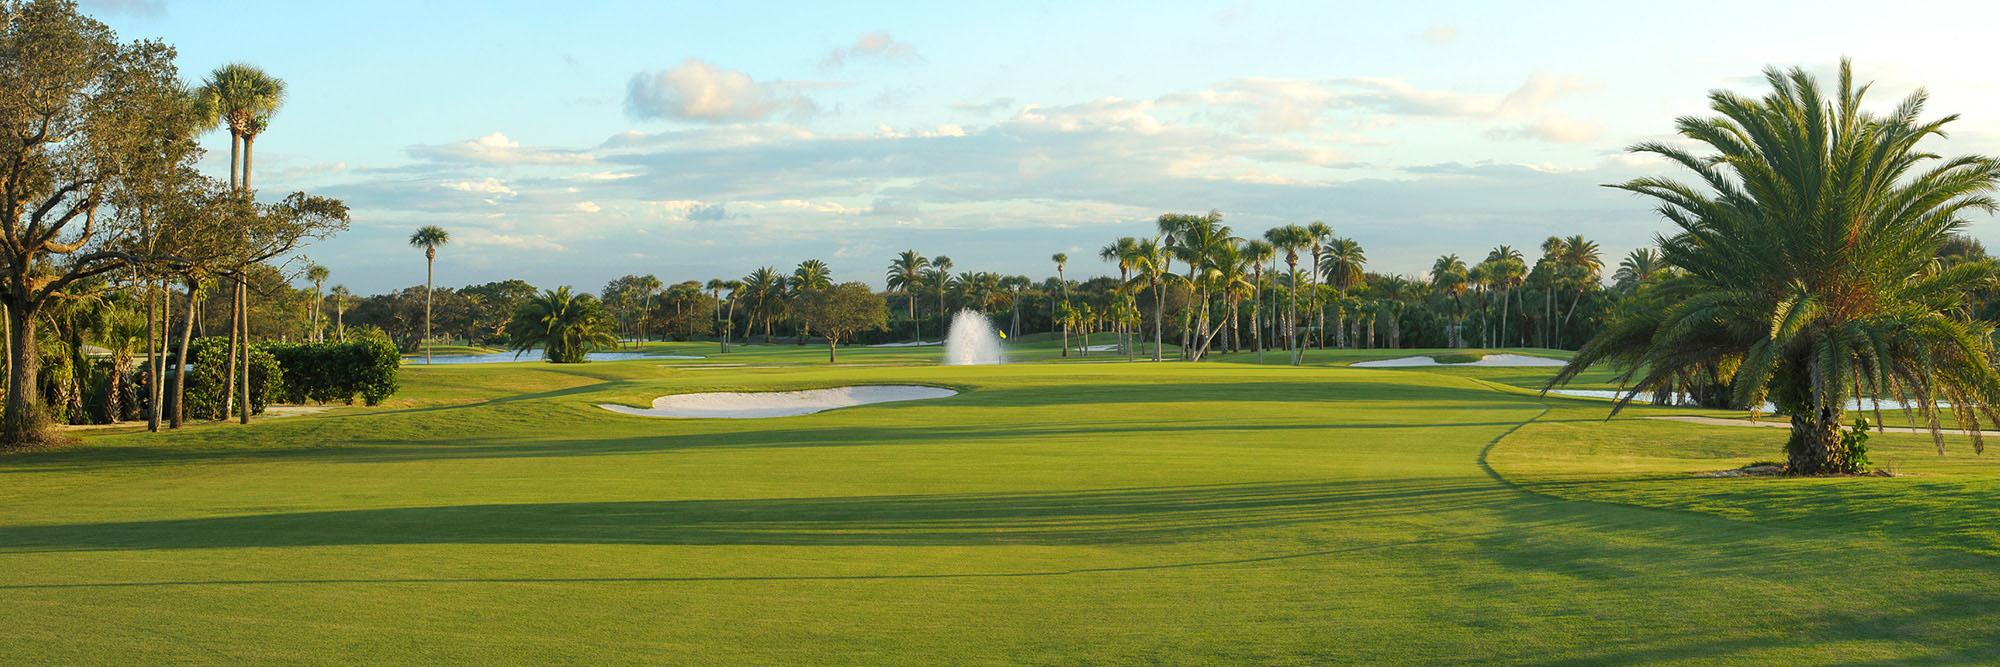 Golf Course Image - Riomar No. 10